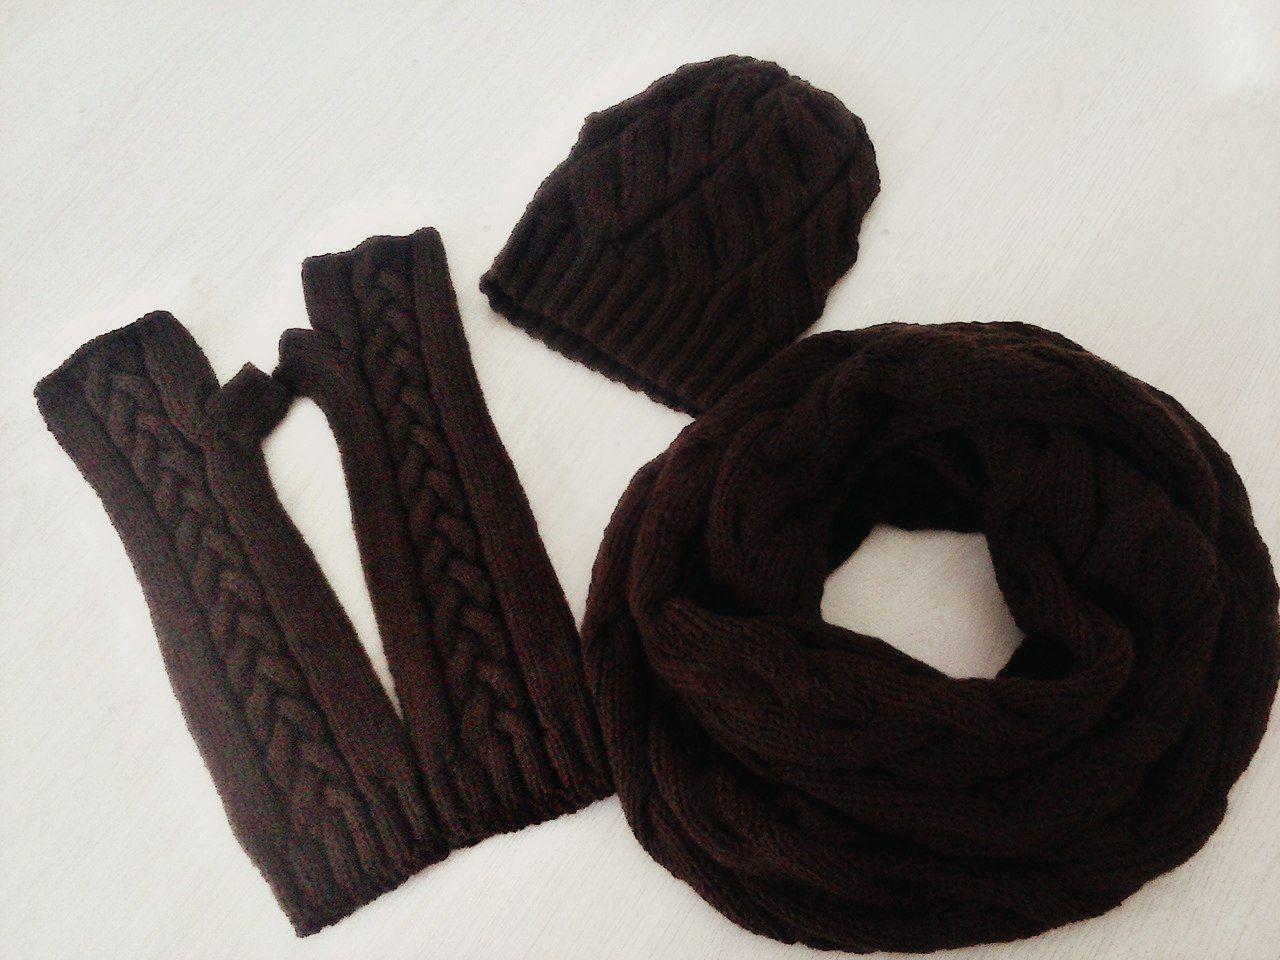 вязание комплект шапочка митенки заказ аксессуары снуд спицы